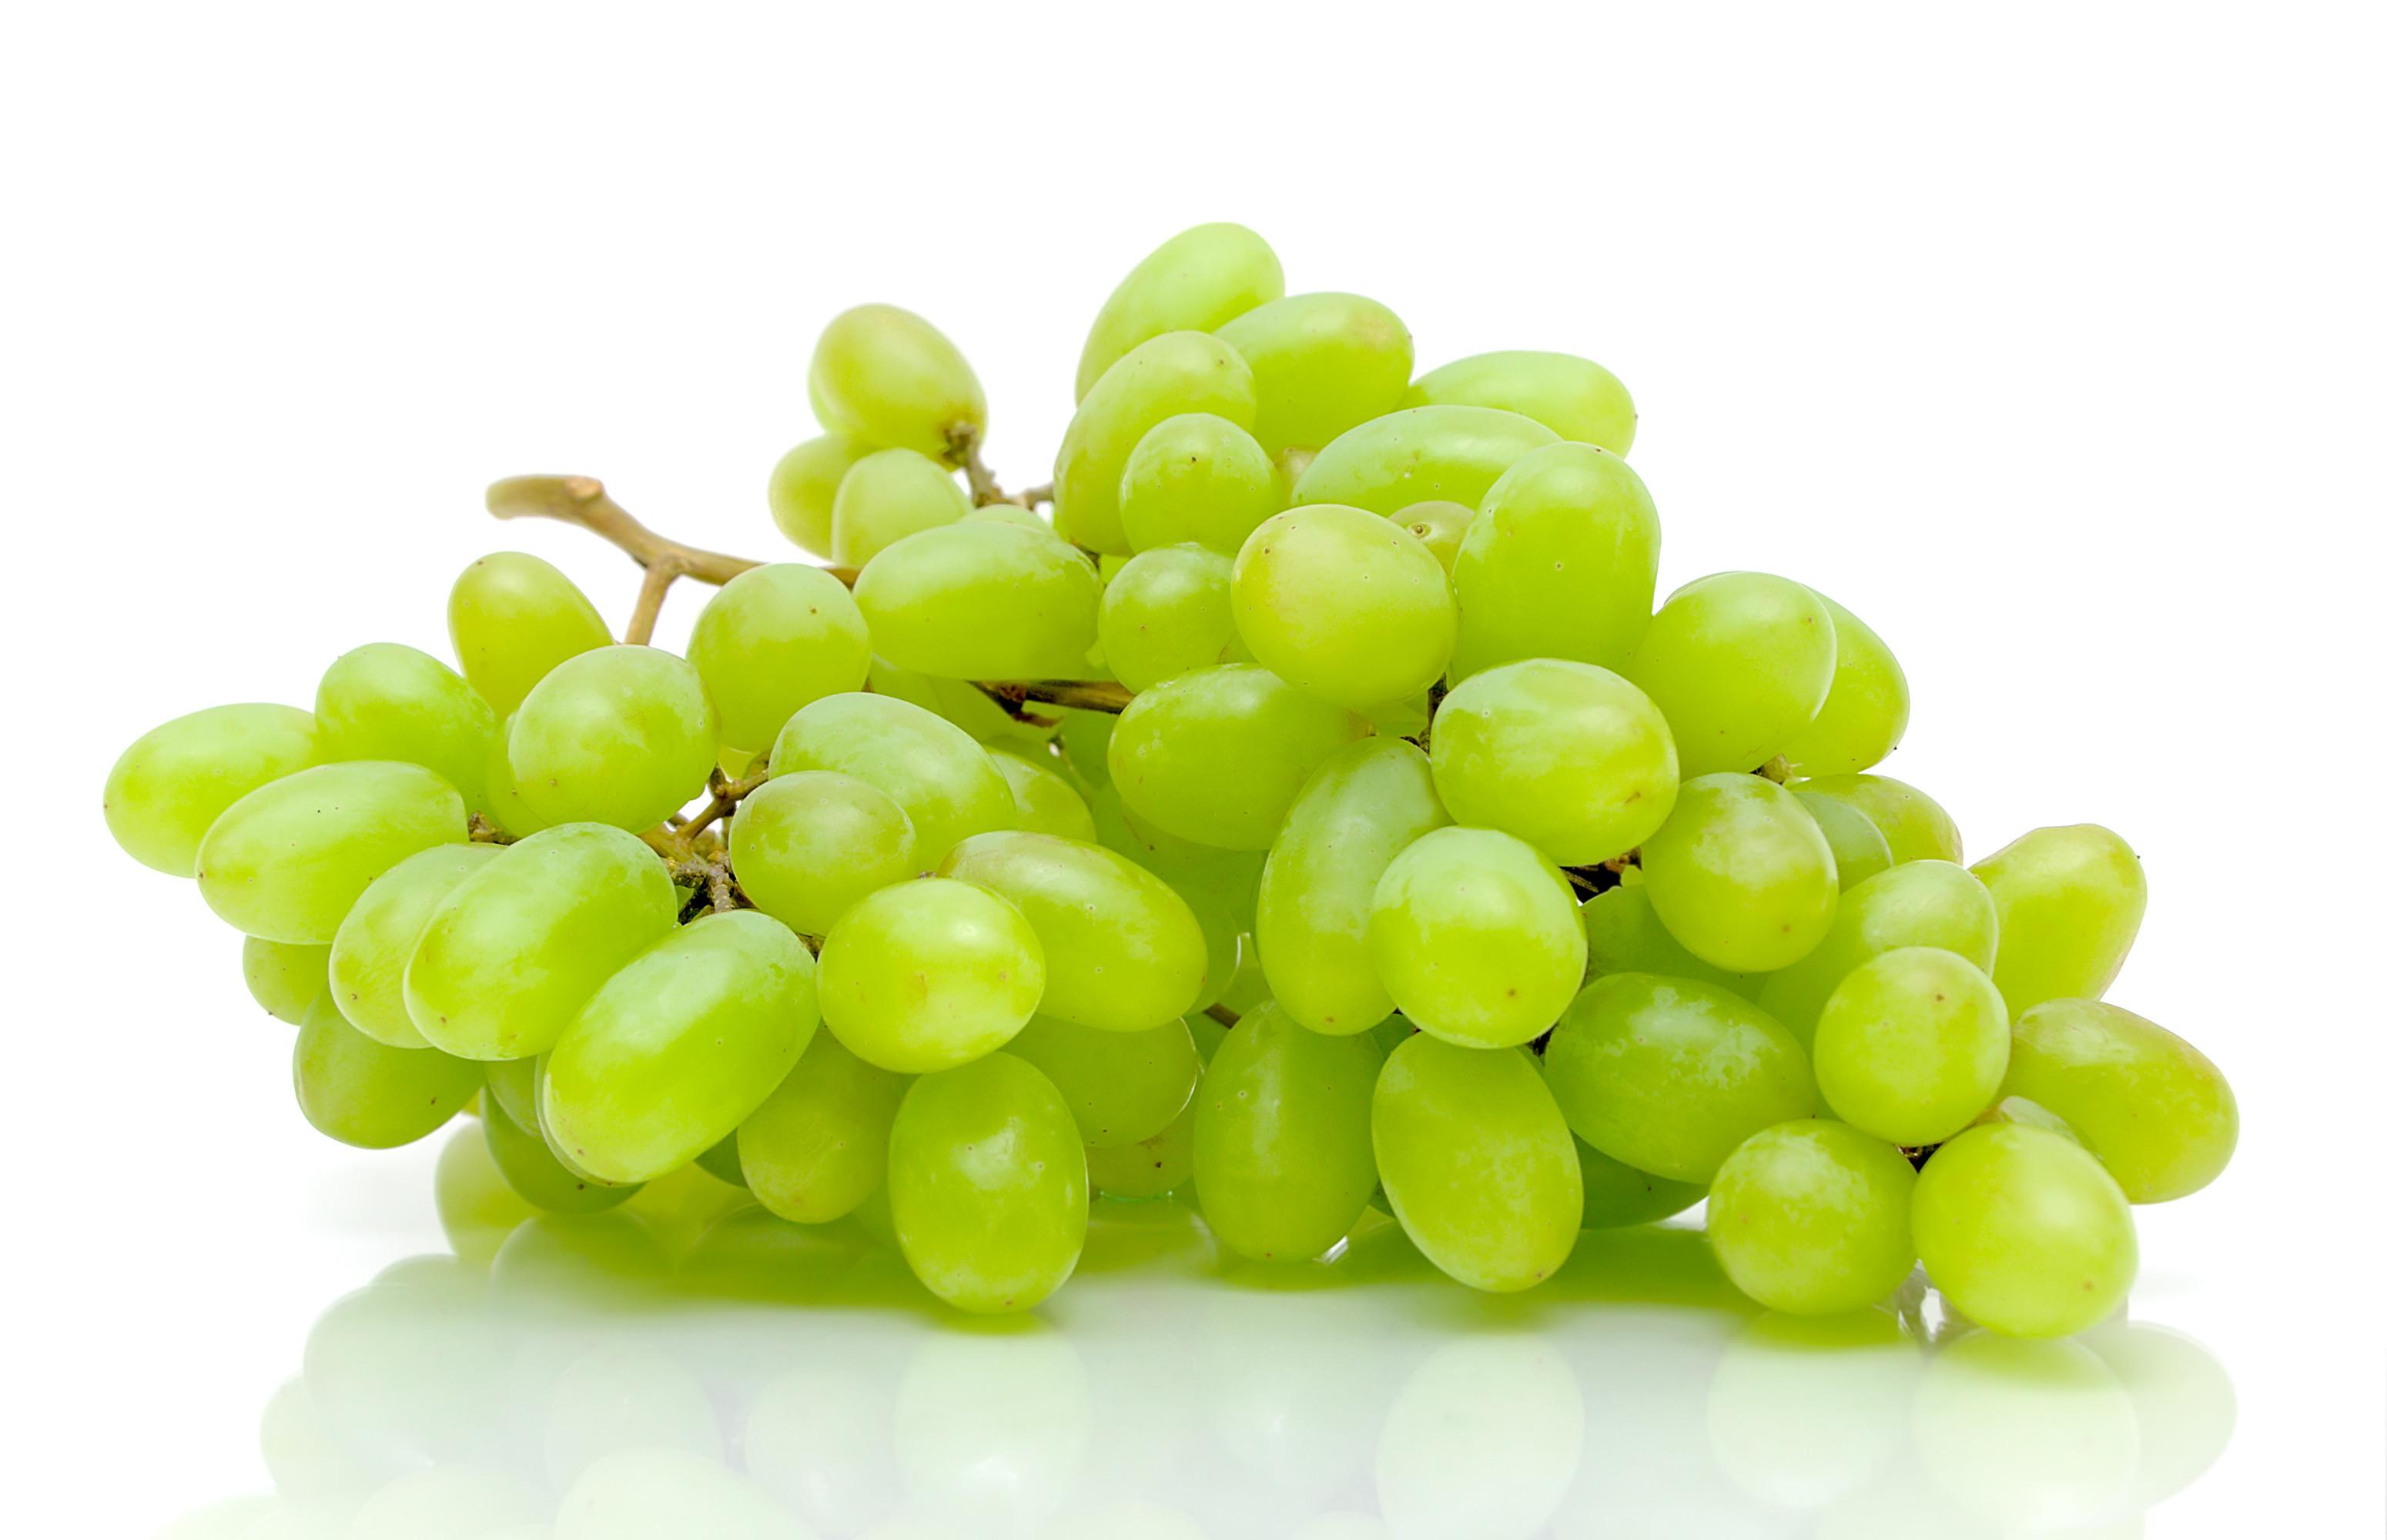 Hele viinamari seemneteta